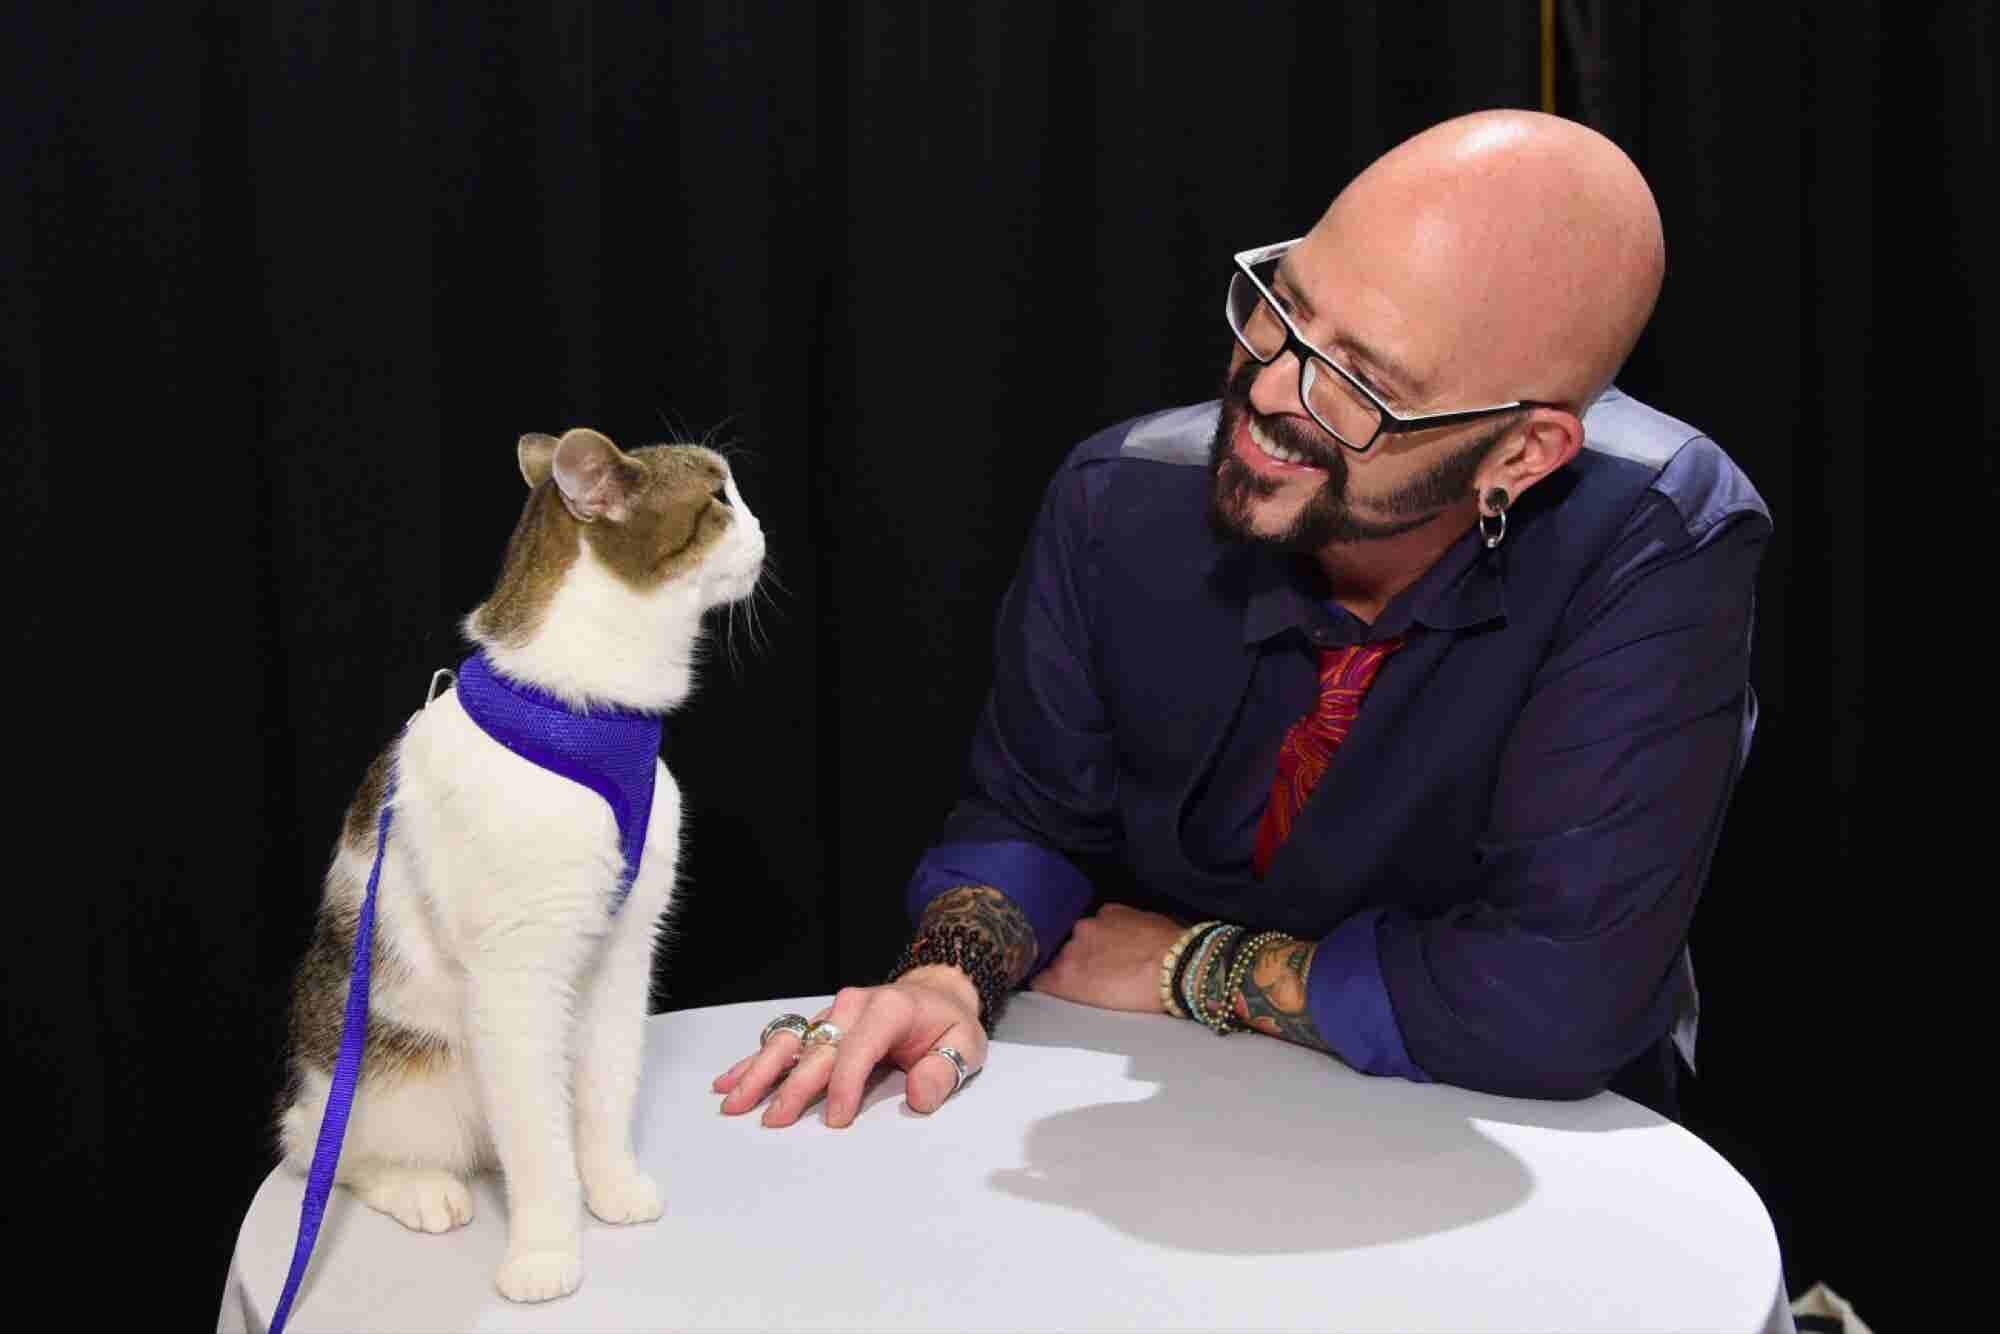 'Catpreneurs' Unite at New York's First 'Cat Camp' Symposium